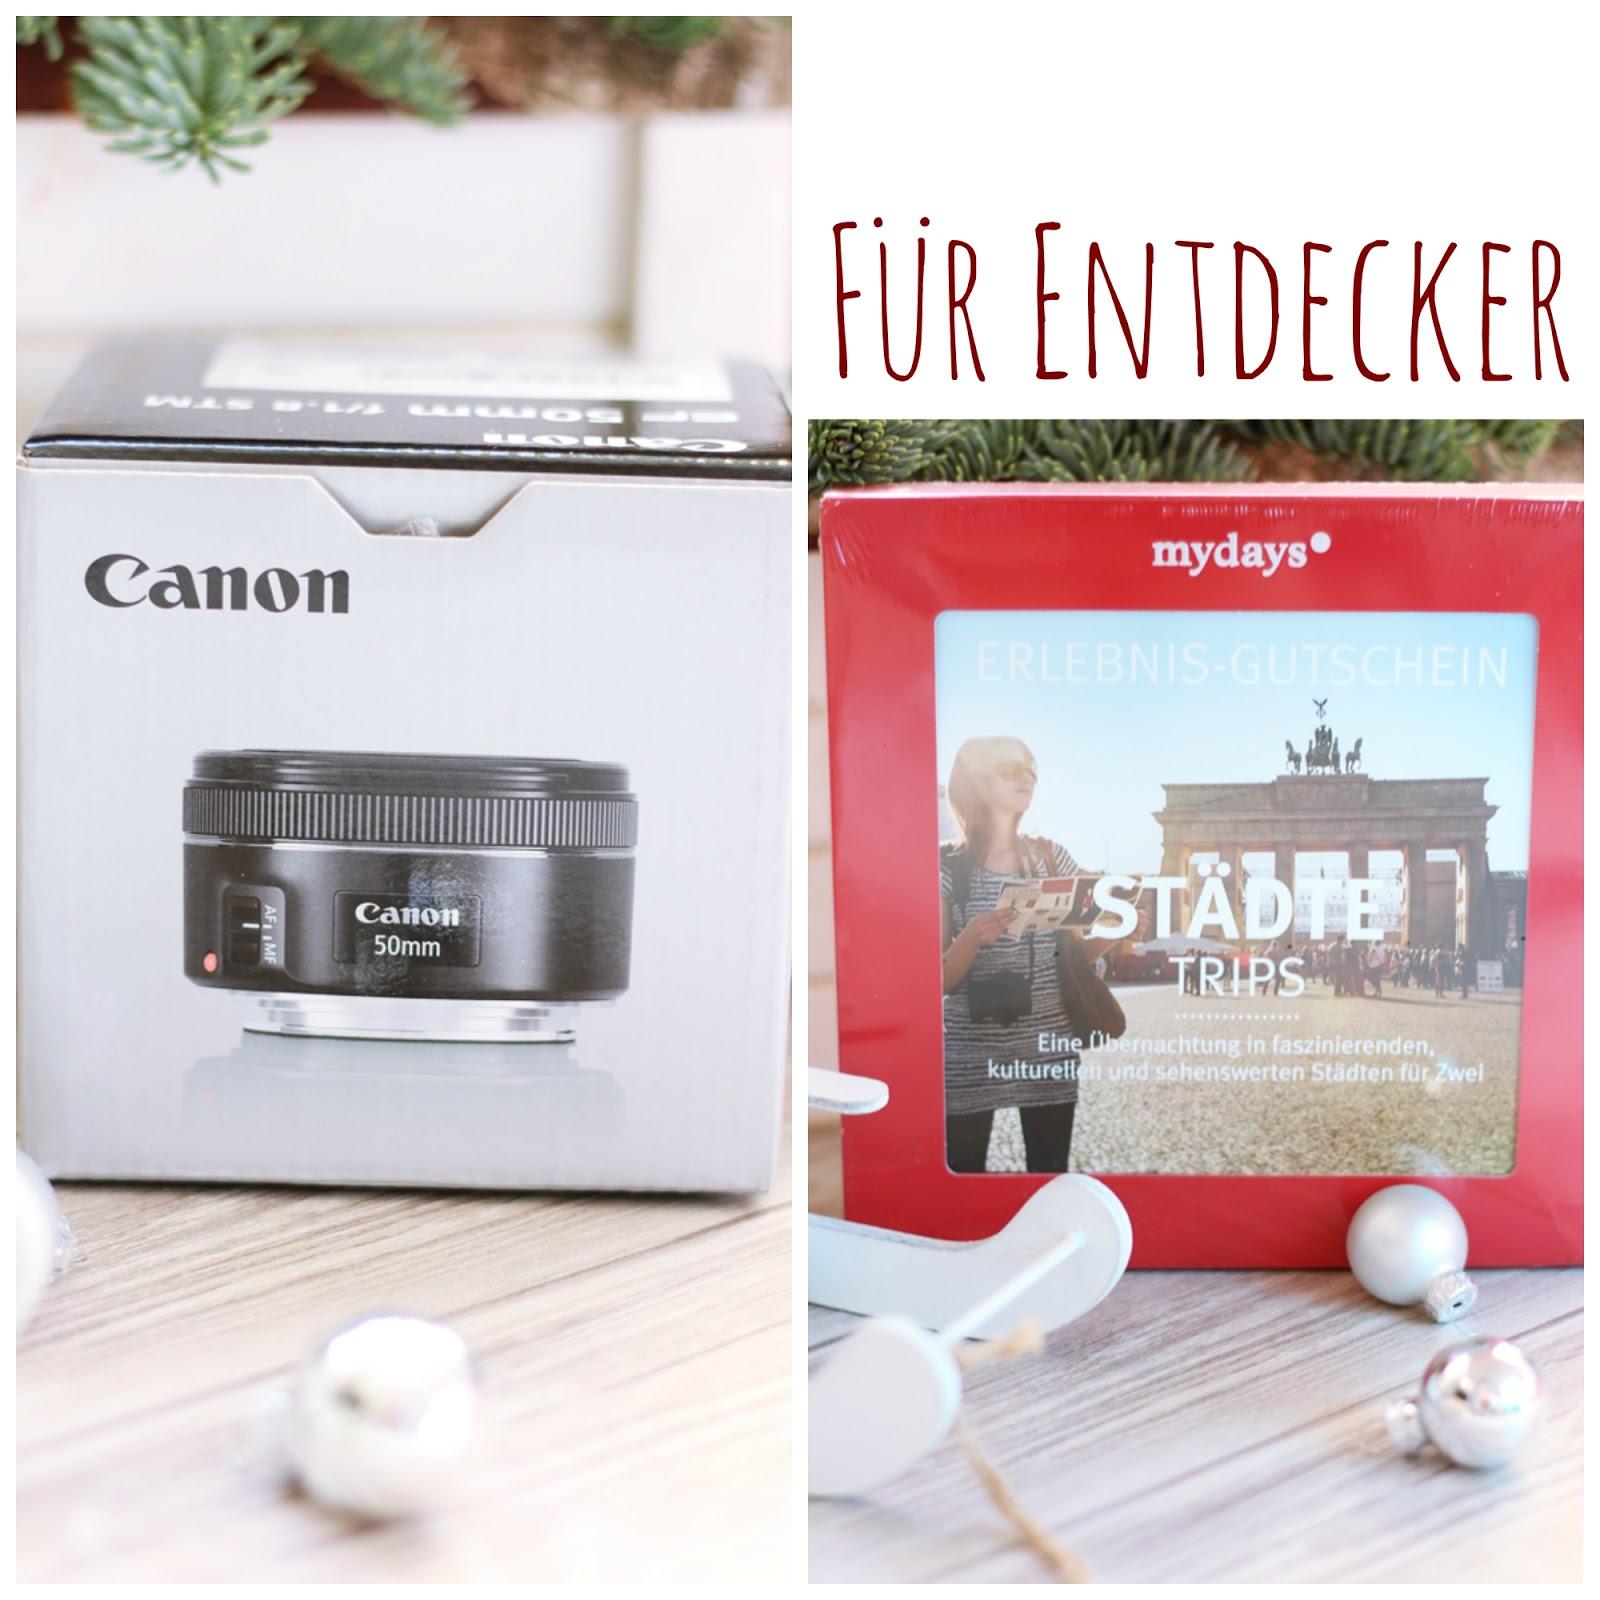 Das EF 50mm 1:1.3 STM U201eBlogger Objektivu201c Von Canon Und Eine Mydays  Geschenkbox. Das Objektiv Gehört Zu Meiner Standardaustattung ...